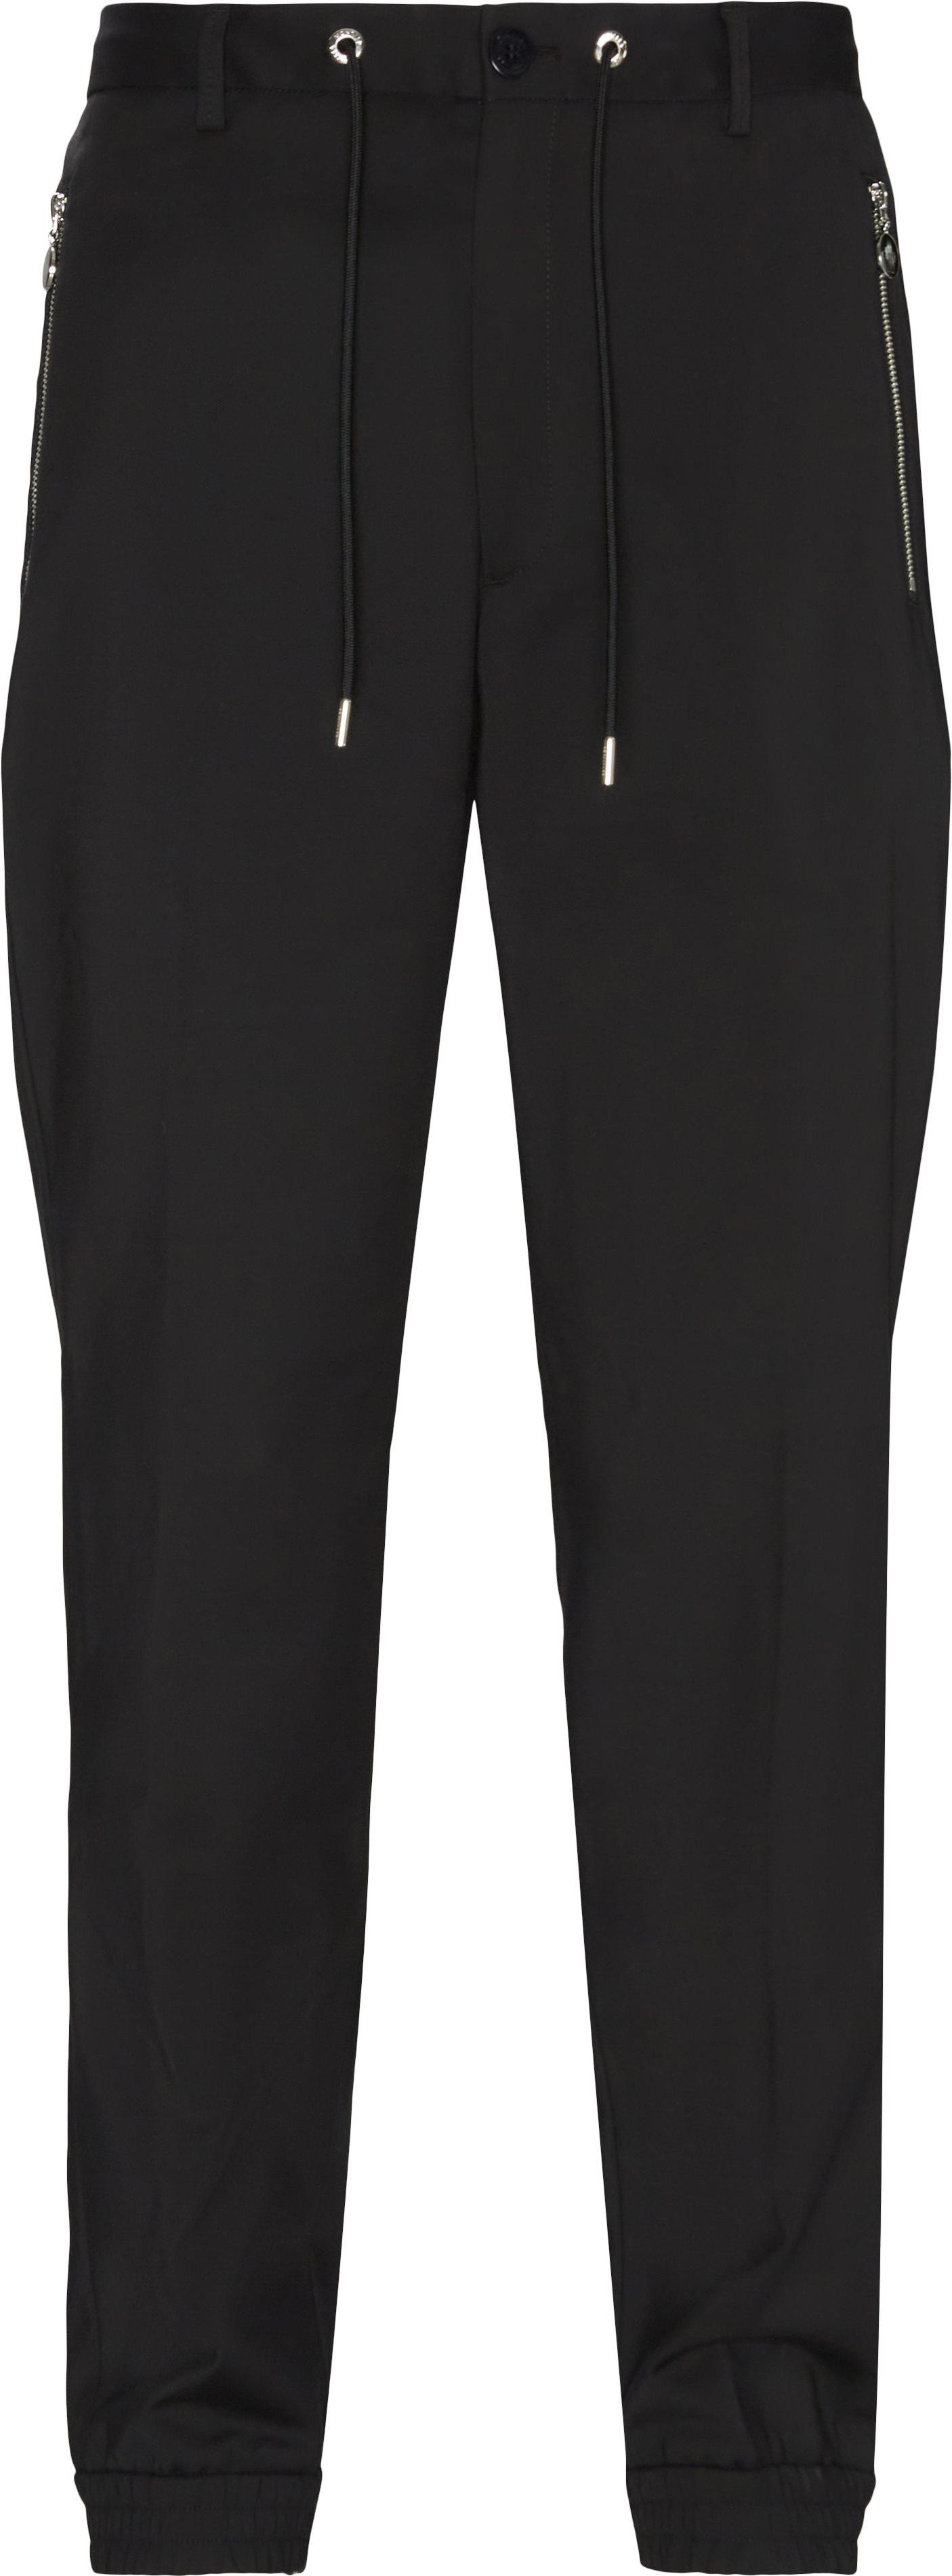 Trousers - Regular fit - Black